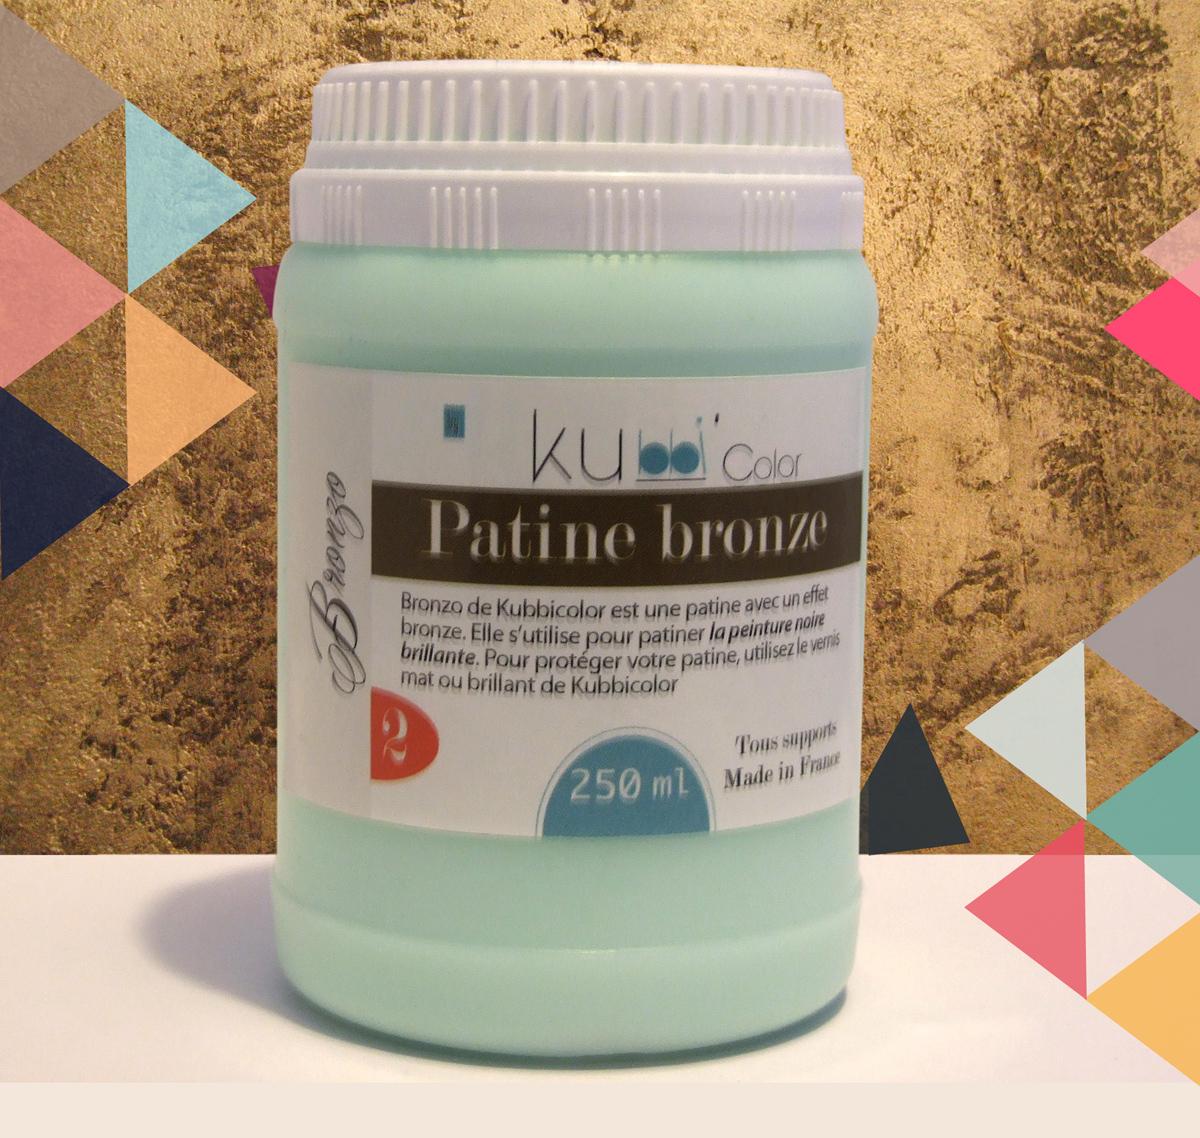 Patine effet bronze de kubbicolor